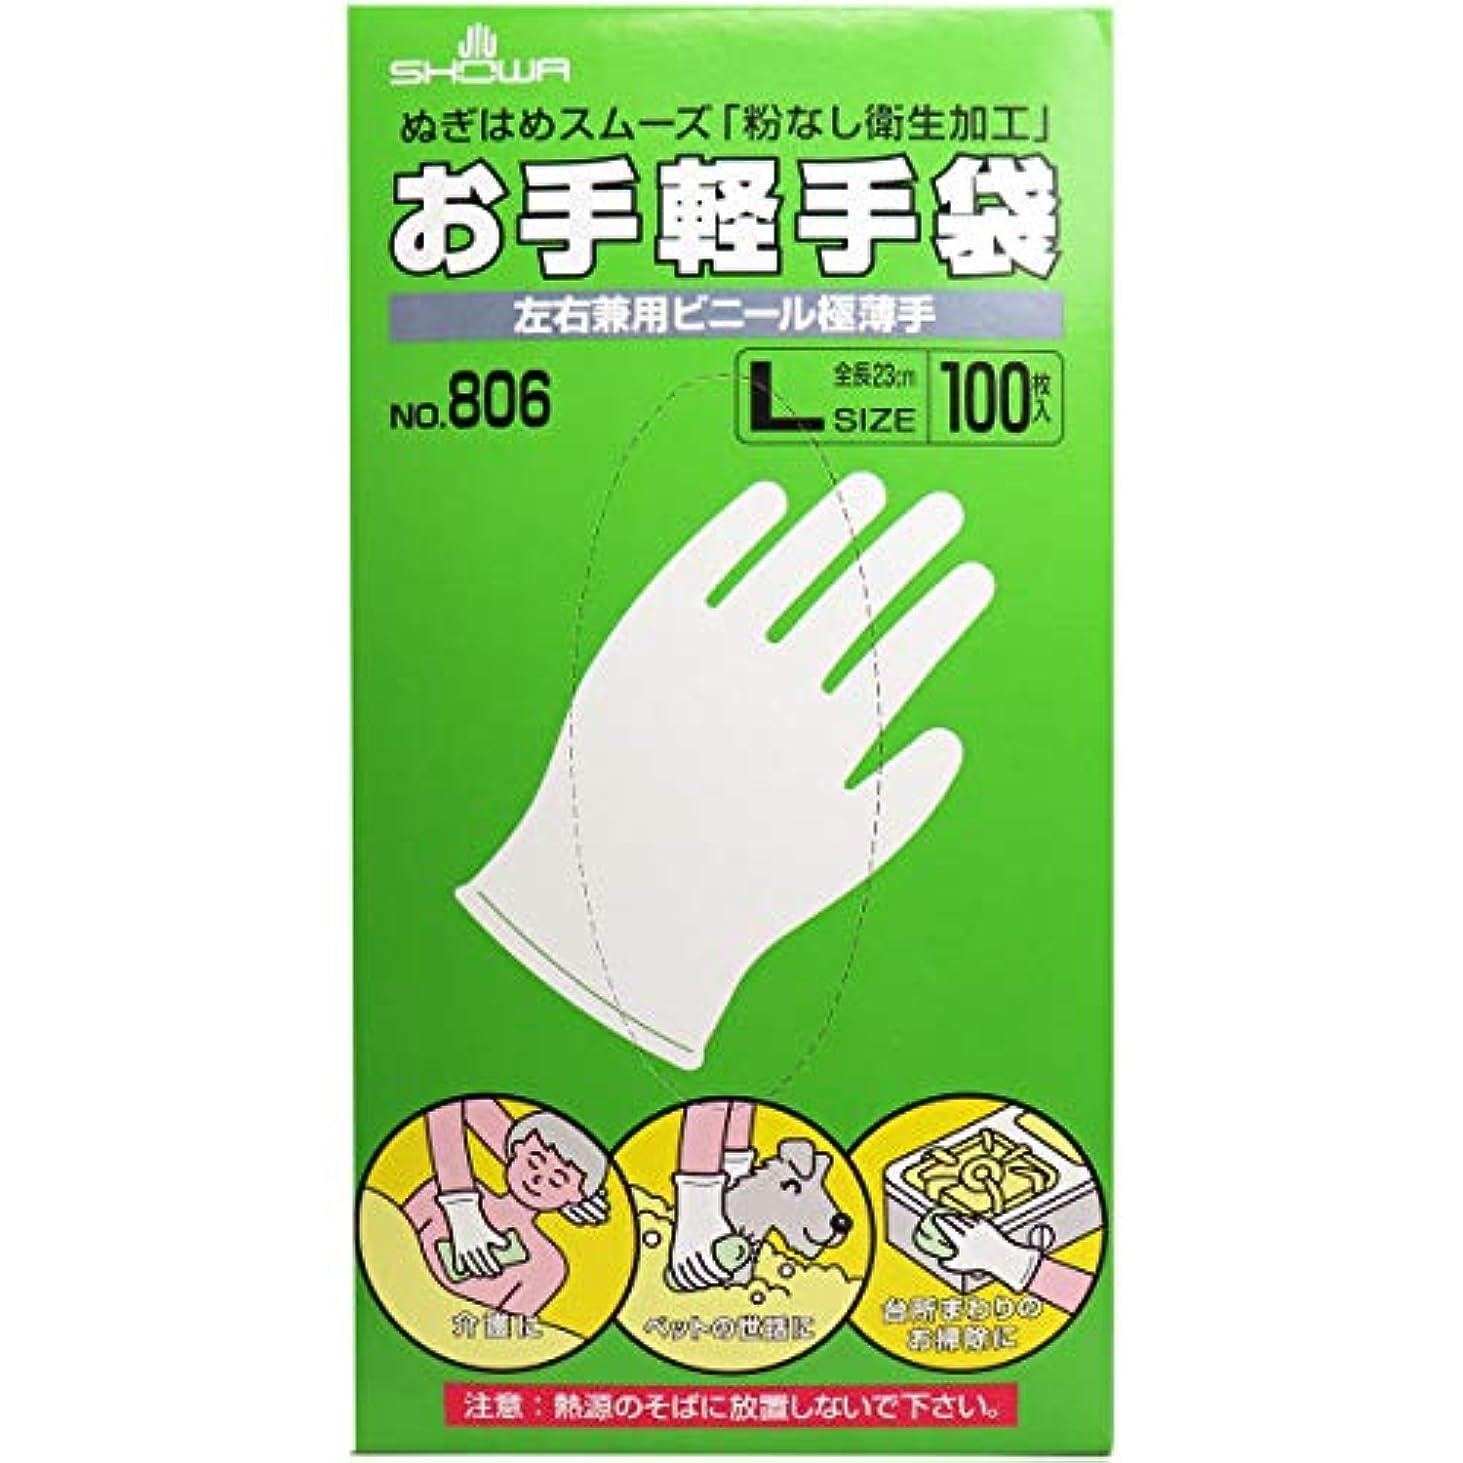 険しい最後の離れてお手軽手袋 No.806 左右兼用ビニール極薄手 粉なし Lサイズ 100枚入×5個セット(管理番号 4901792033602)